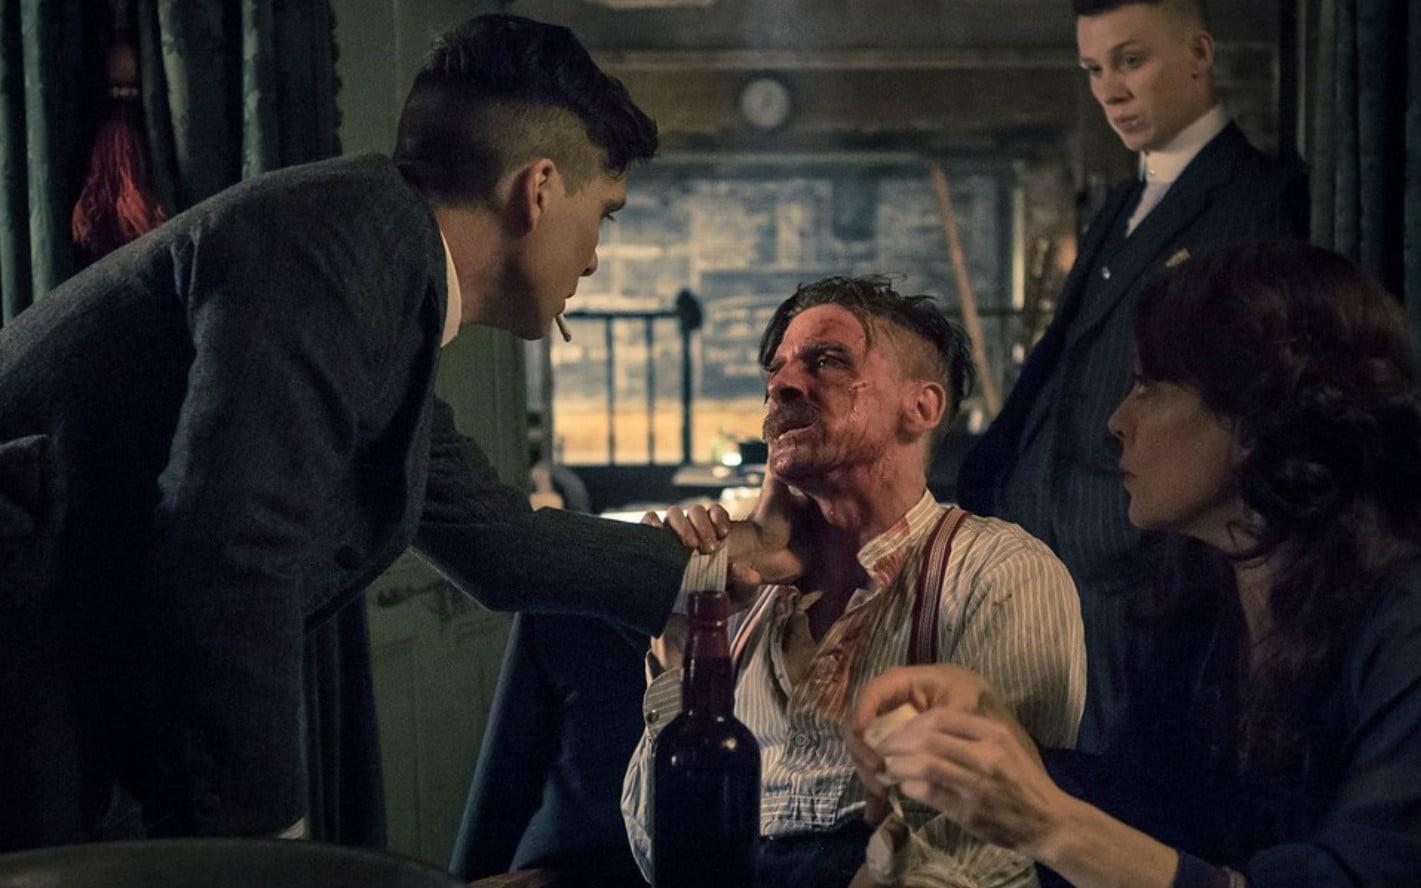 Peaky Blinders - mưu đồ chính trị, bạo lực đẫm máu và tình dục